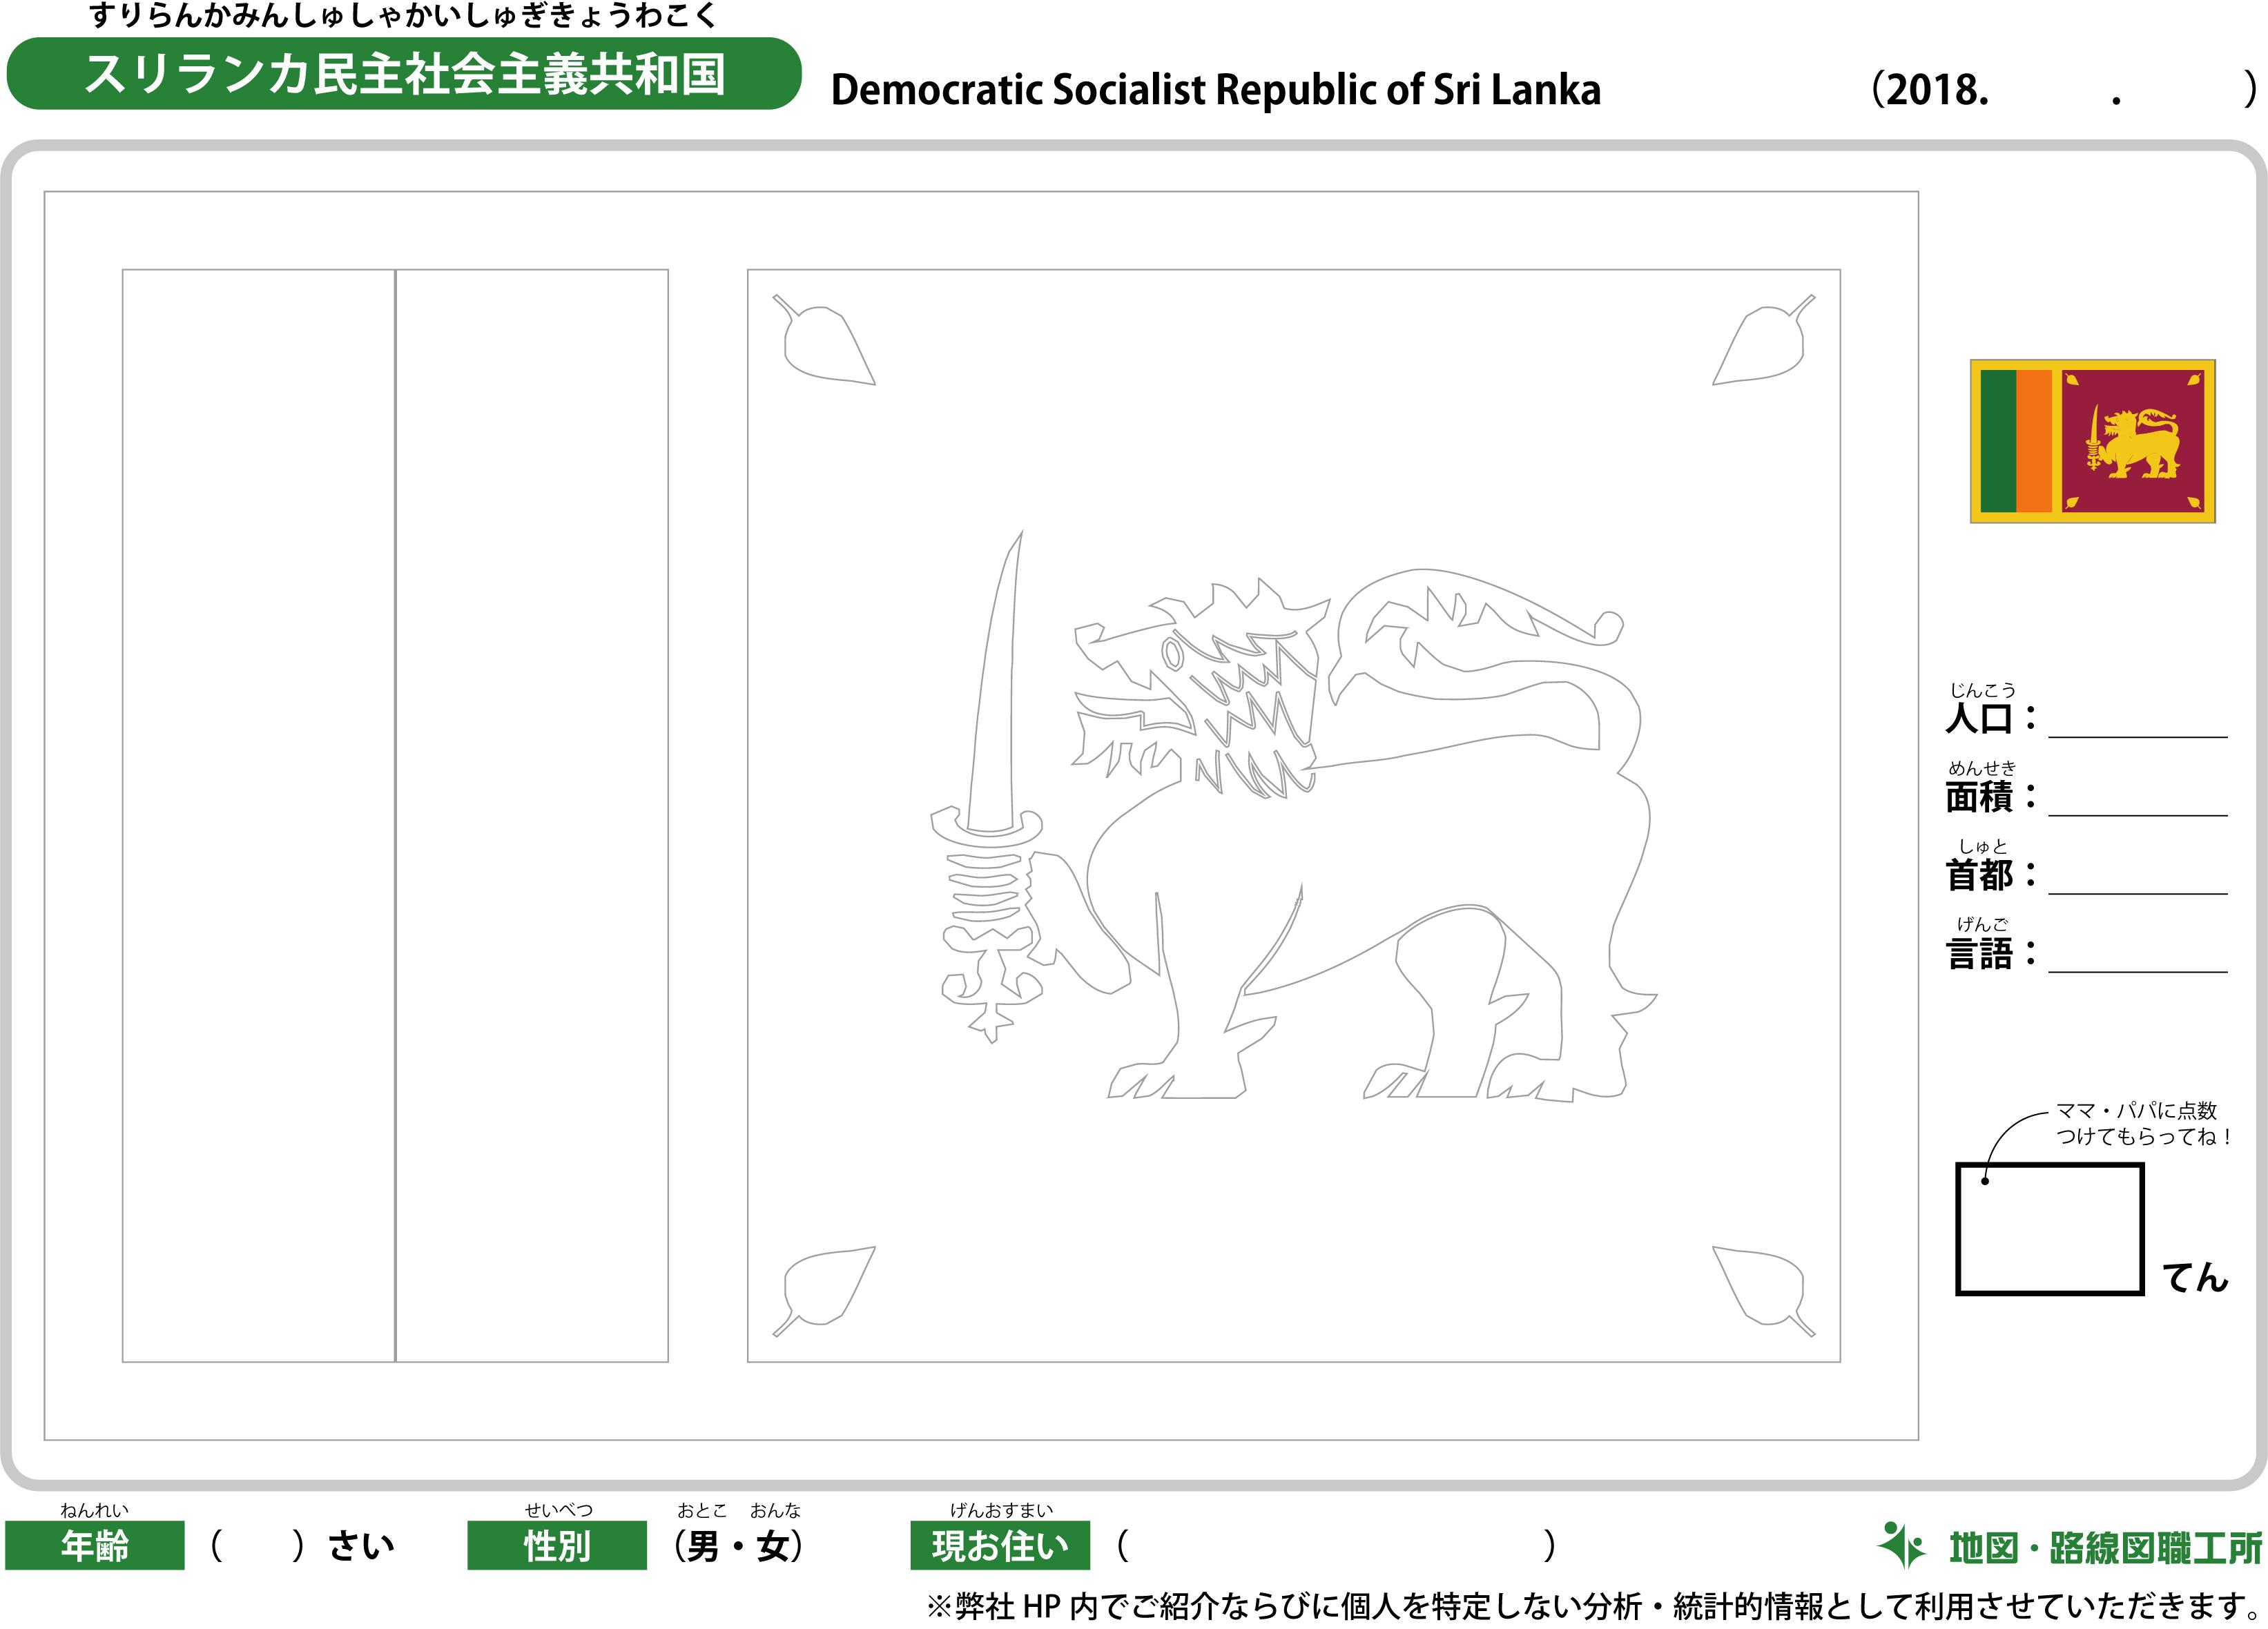 スリランカ民主社会主義共和国